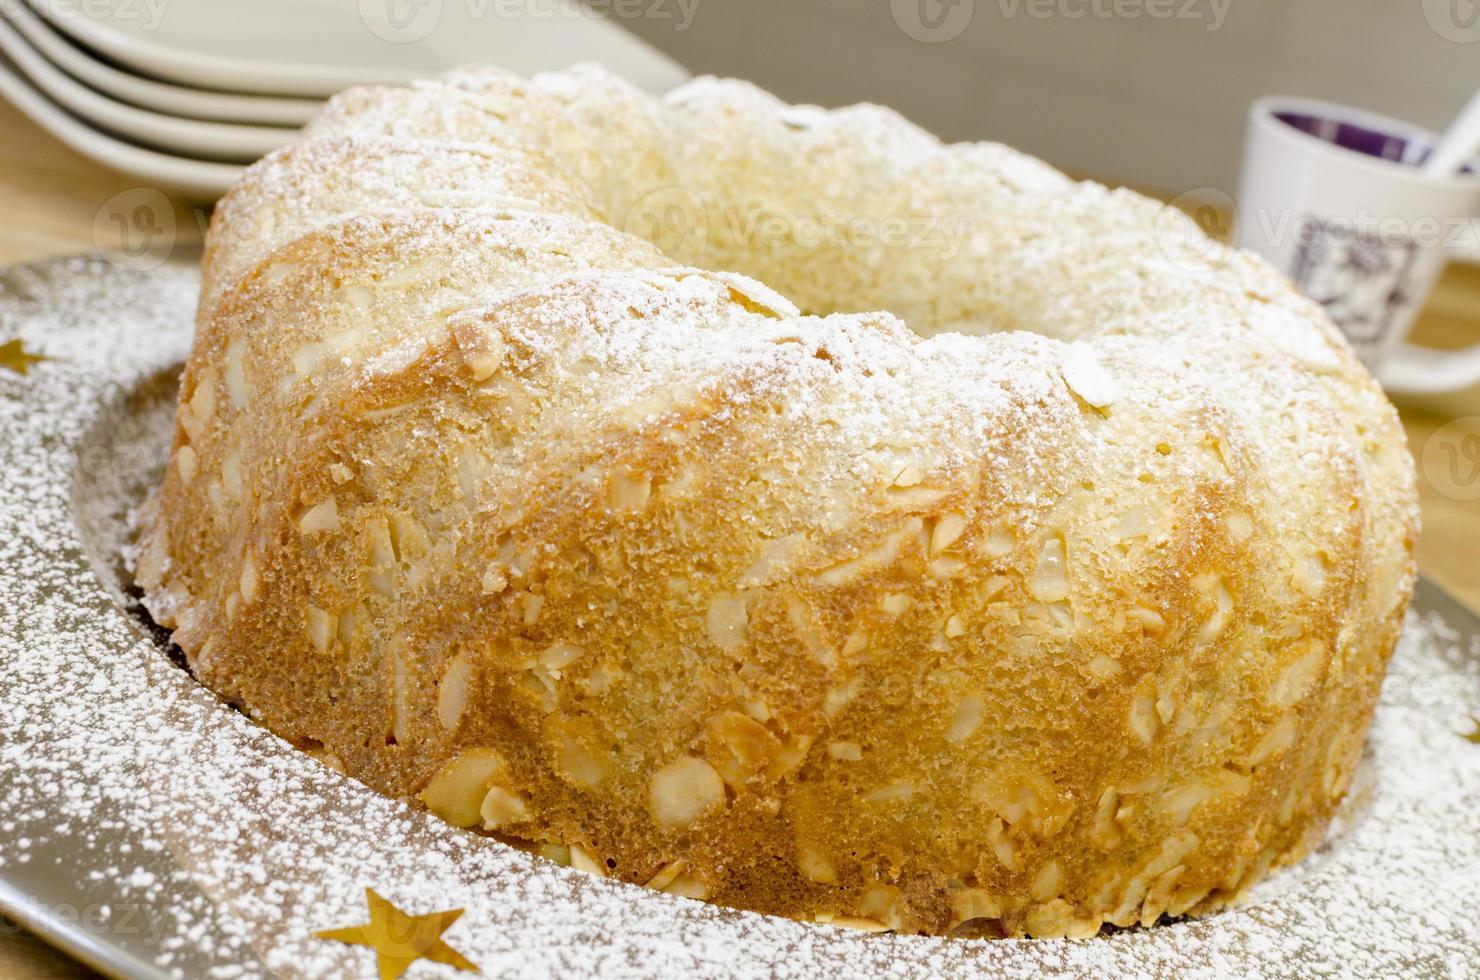 Bolo de manteiga com crosta de amêndoa (veja a receita abaixo). foto